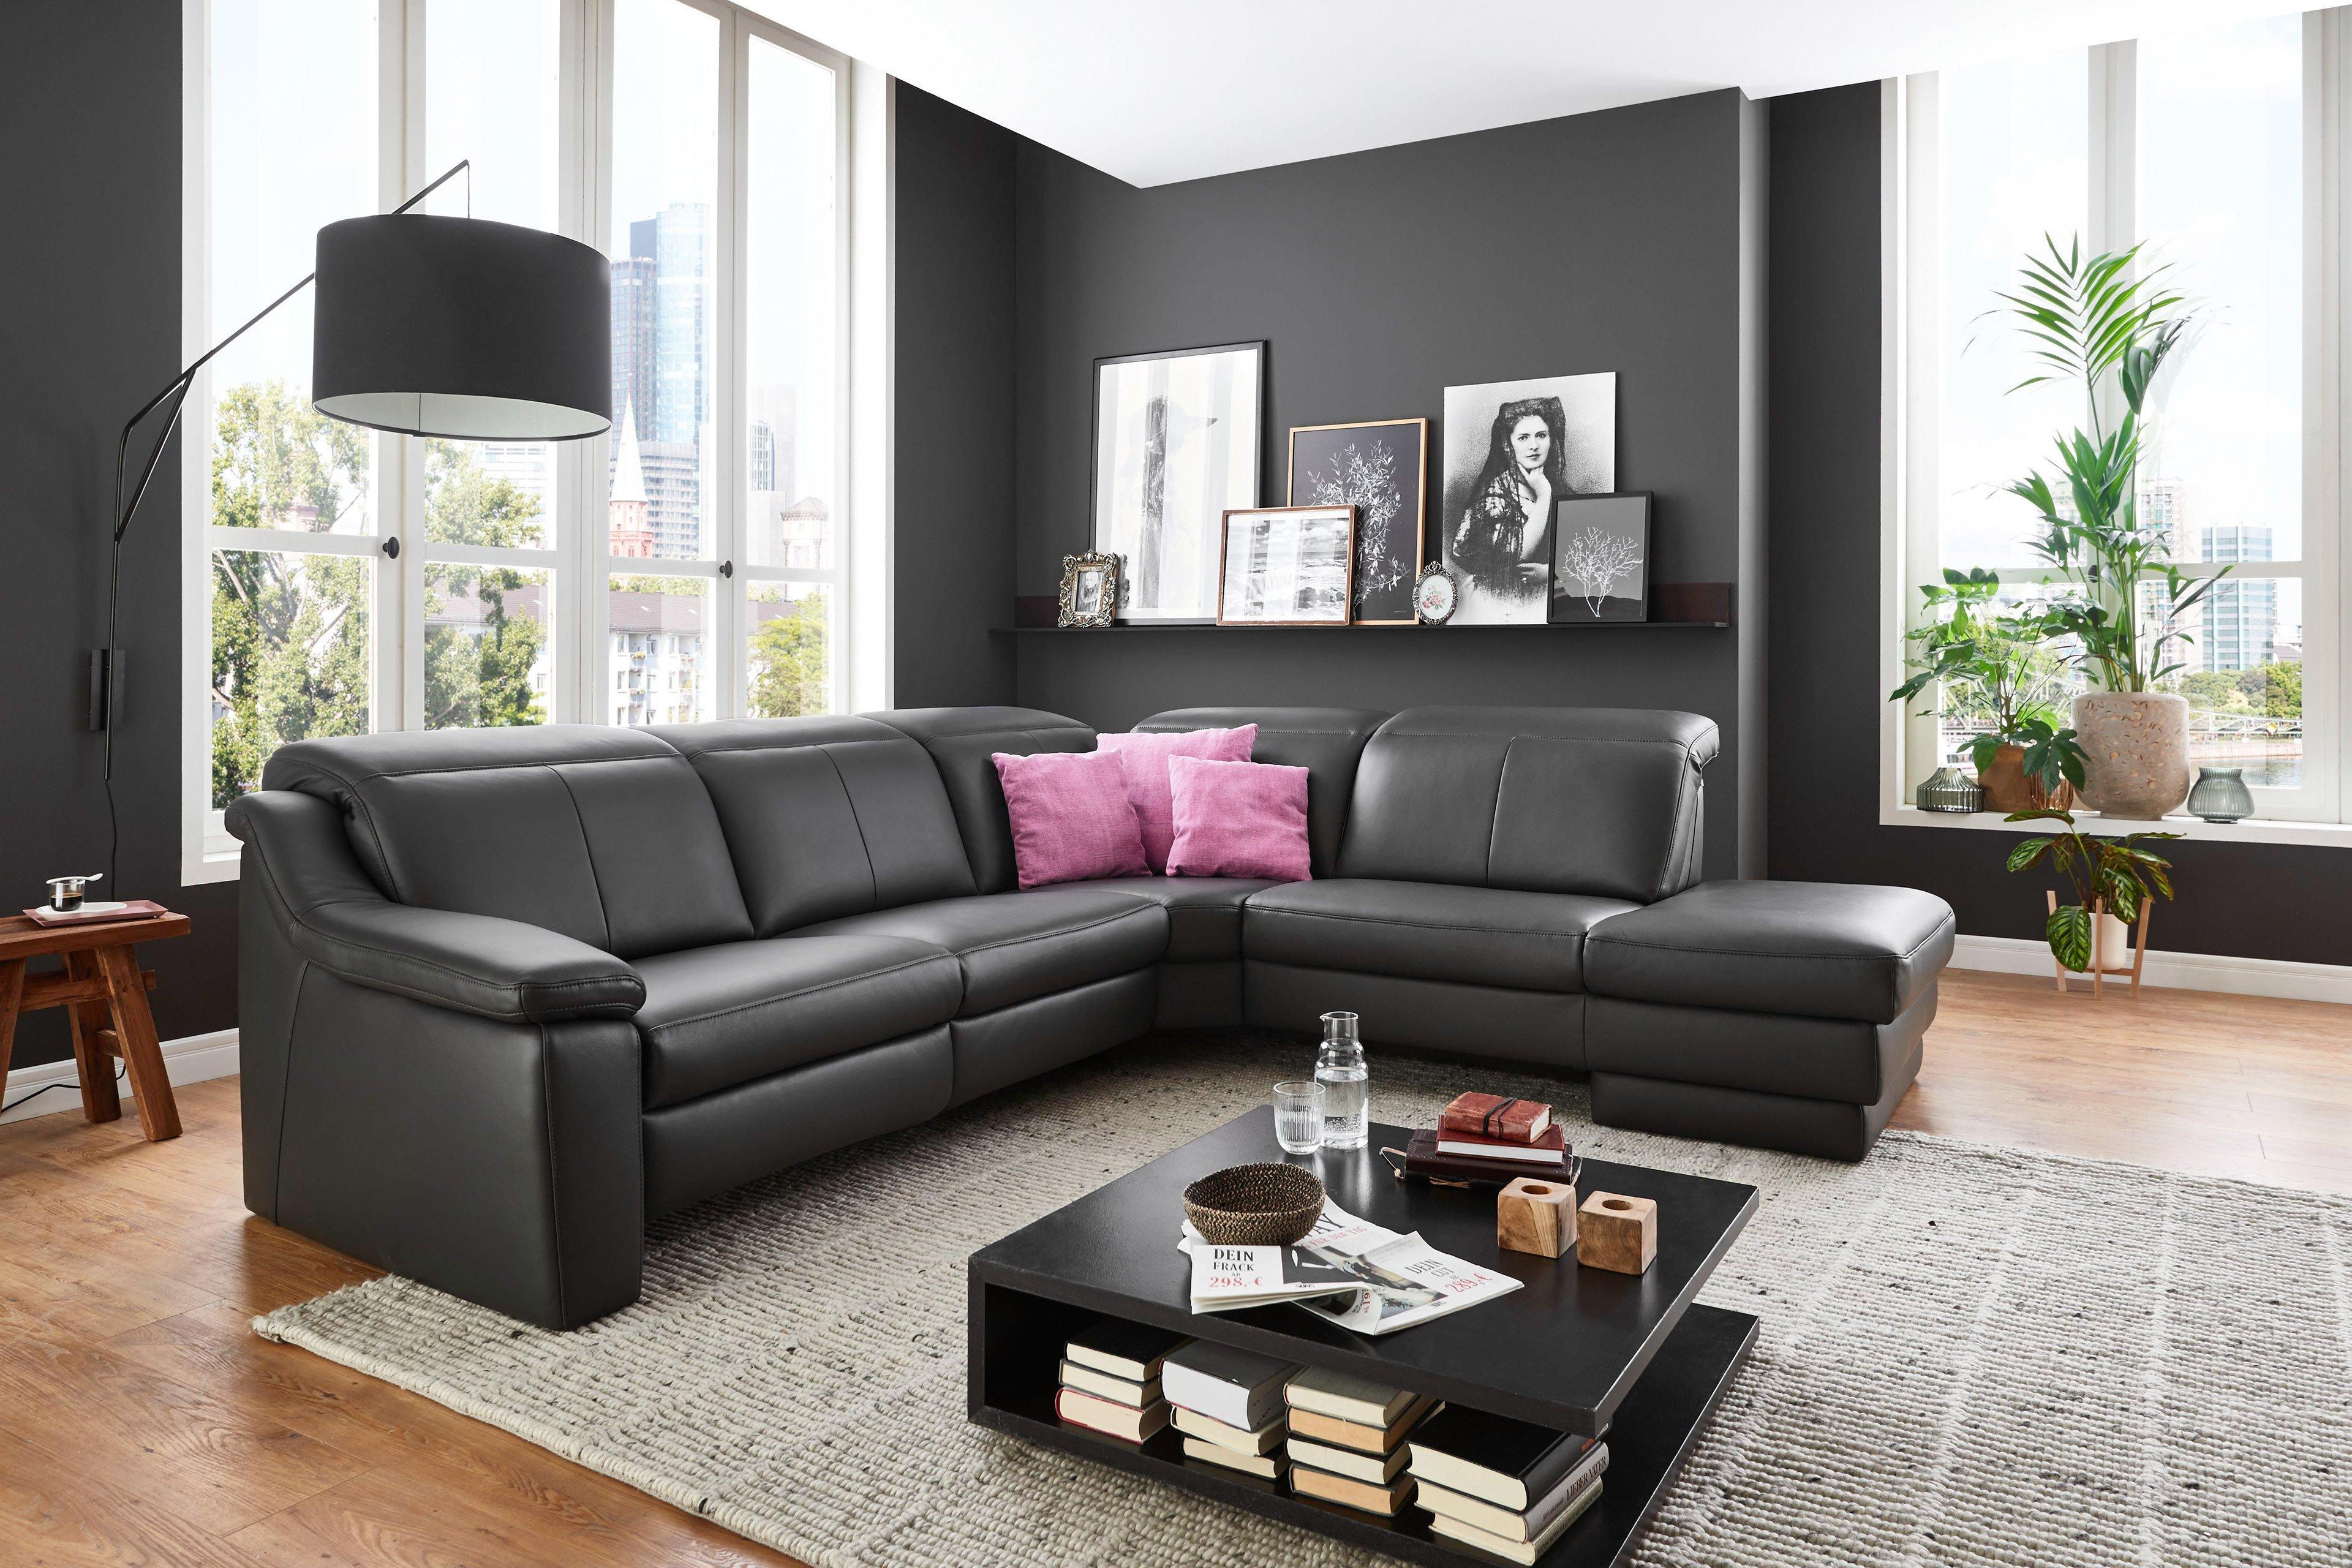 Hukla Sf1862 Couchgarnitur In Dunkelgrau Mobel Letz Ihr Online Shop